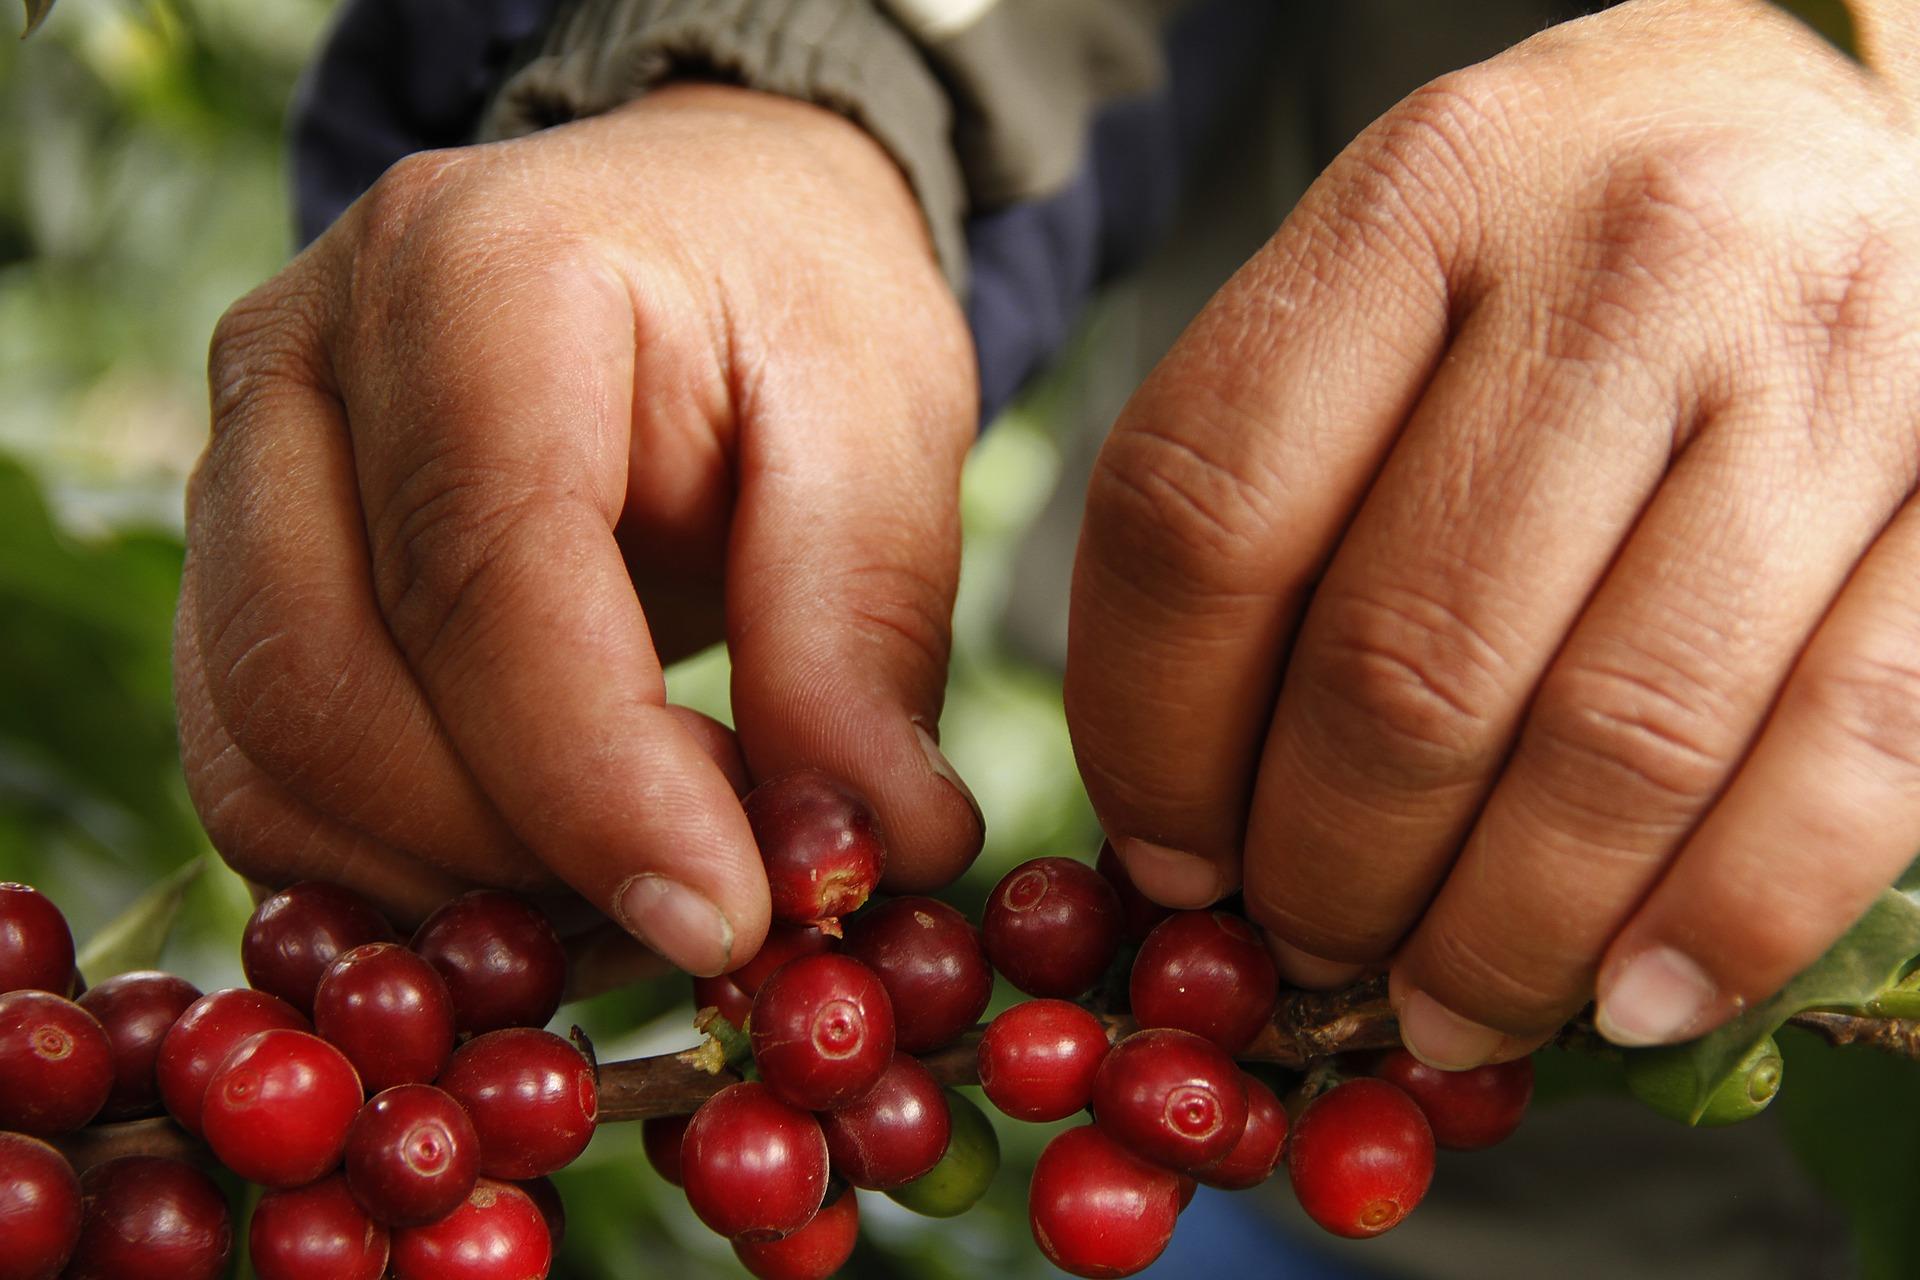 'Starbucks'ın tarlalarında, kahve parasından daha azına çocuk işçi çalıştırılıyor'